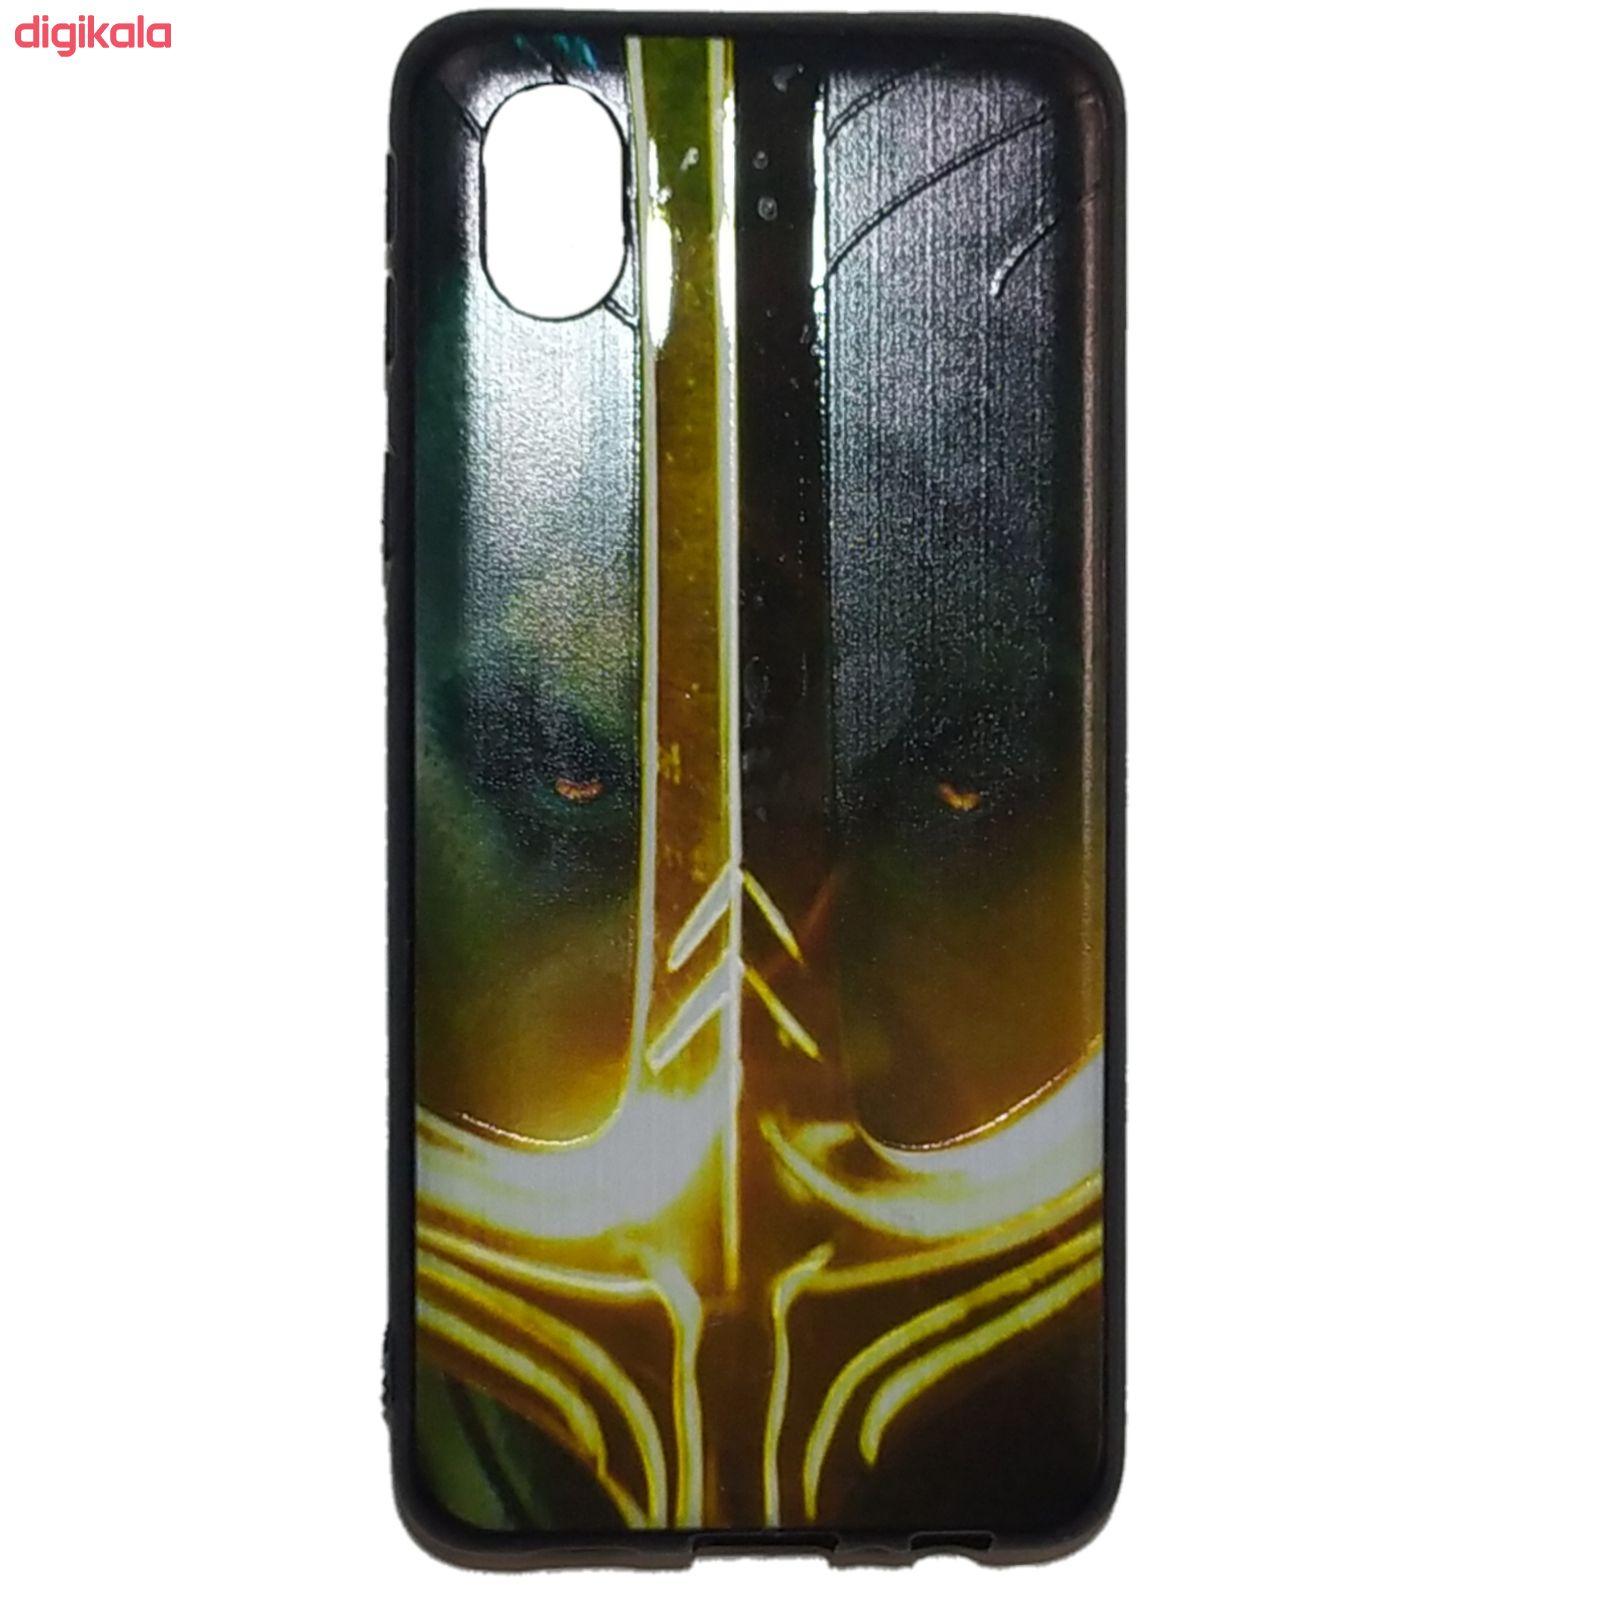 کاور مدل TT05 مناسب برای گوشی موبایل سامسونگ Galaxy A01 Core